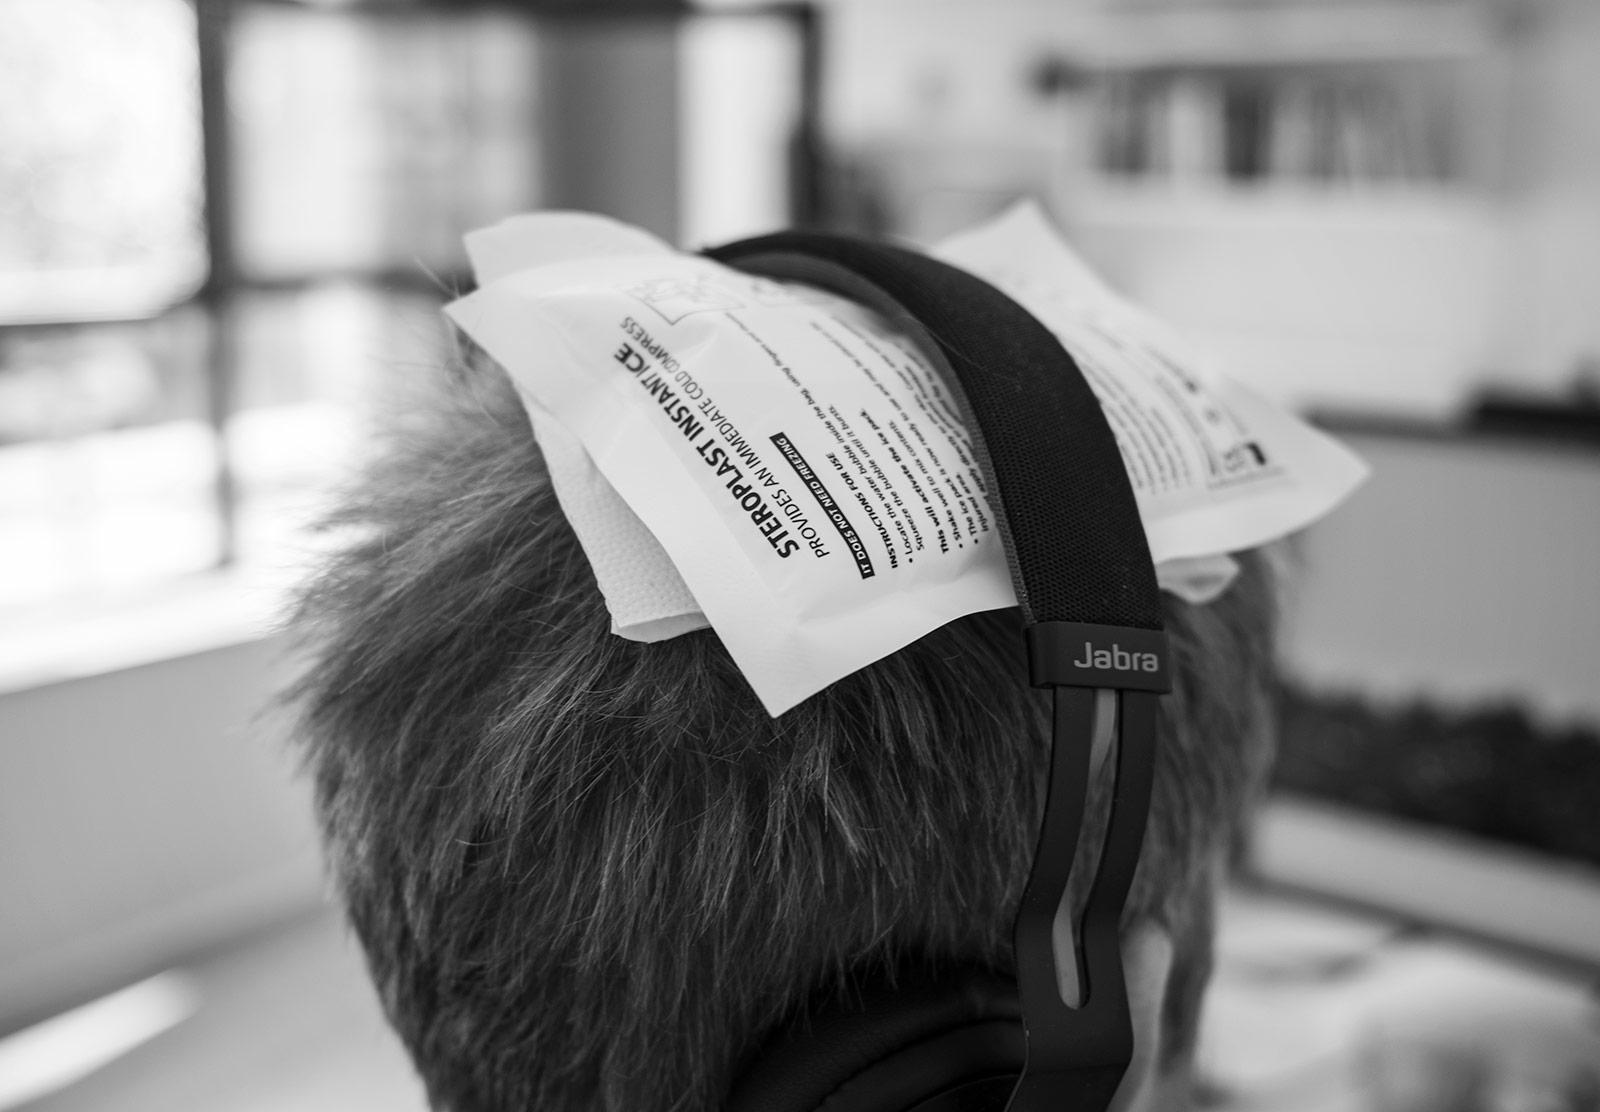 Icepack on head